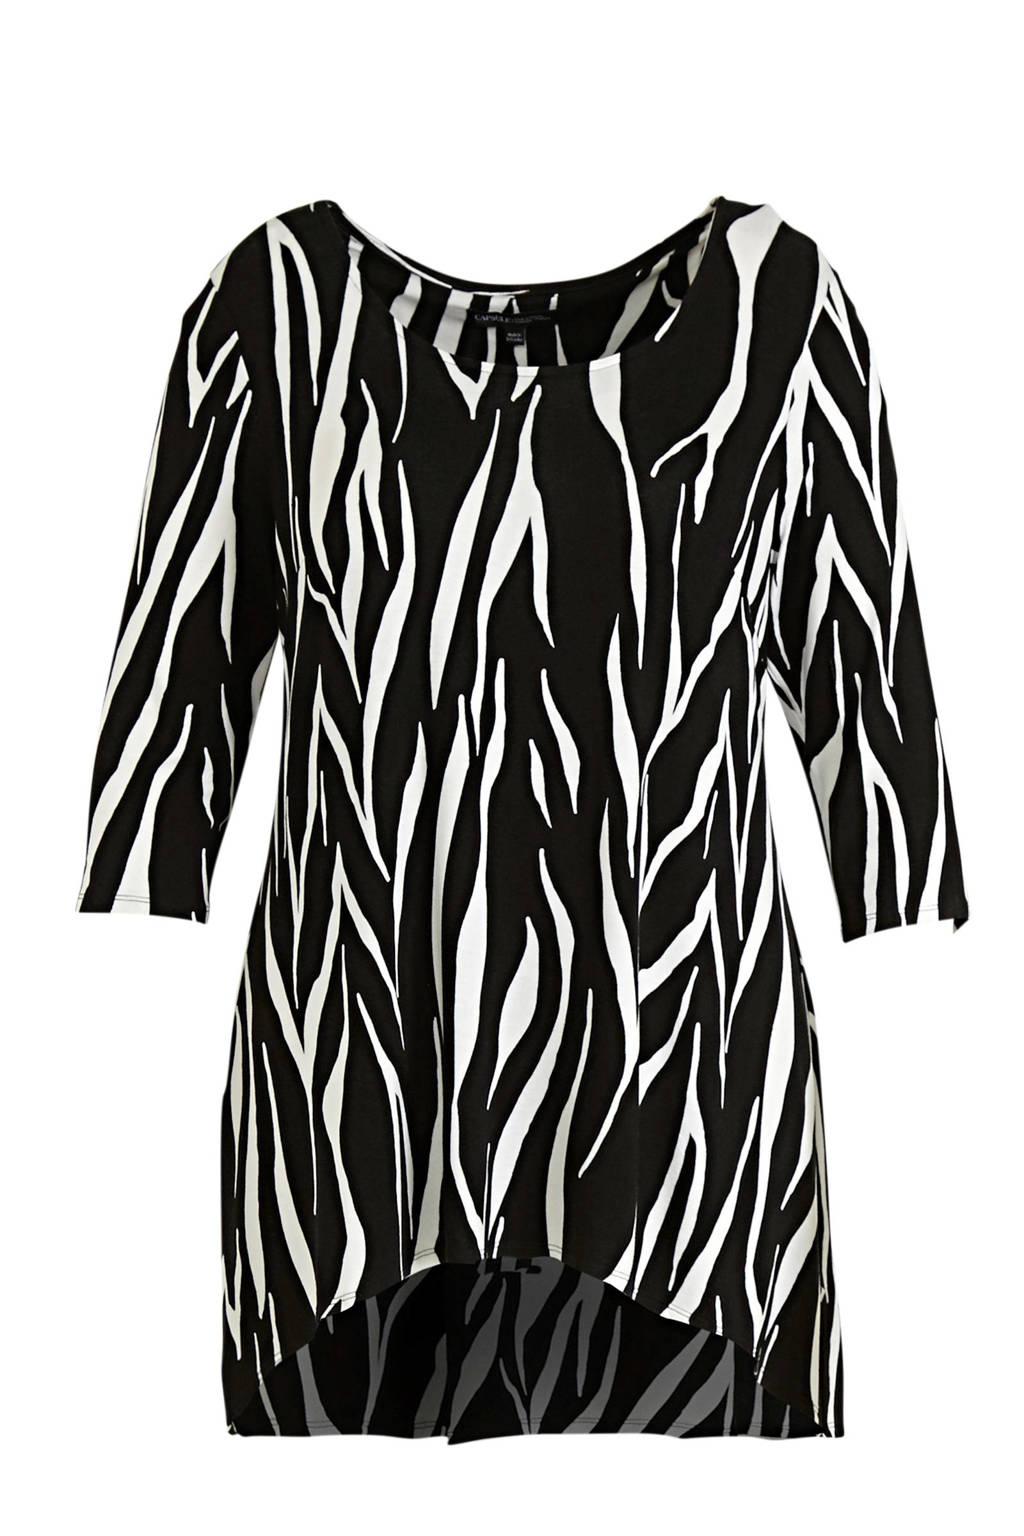 JD Williams top met zebraprint zwart/wit, Zwart/wit